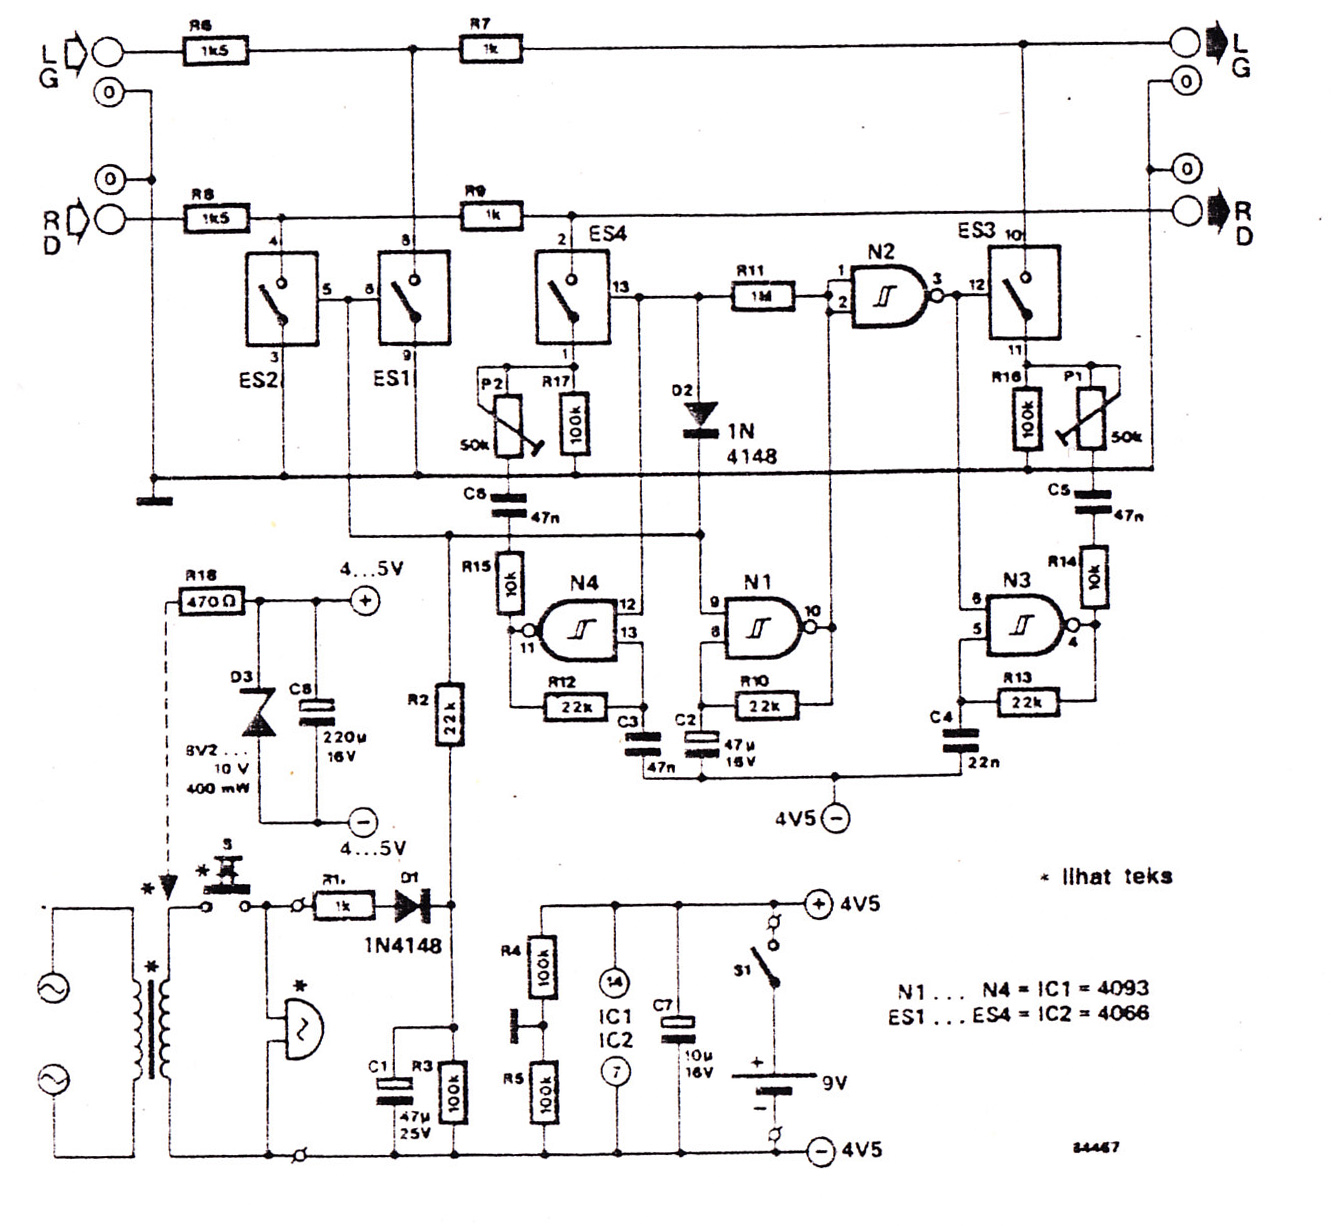 Netgear Gs110tp Prosafe 8port Gigabit Switch Netgeargs110tp100nas